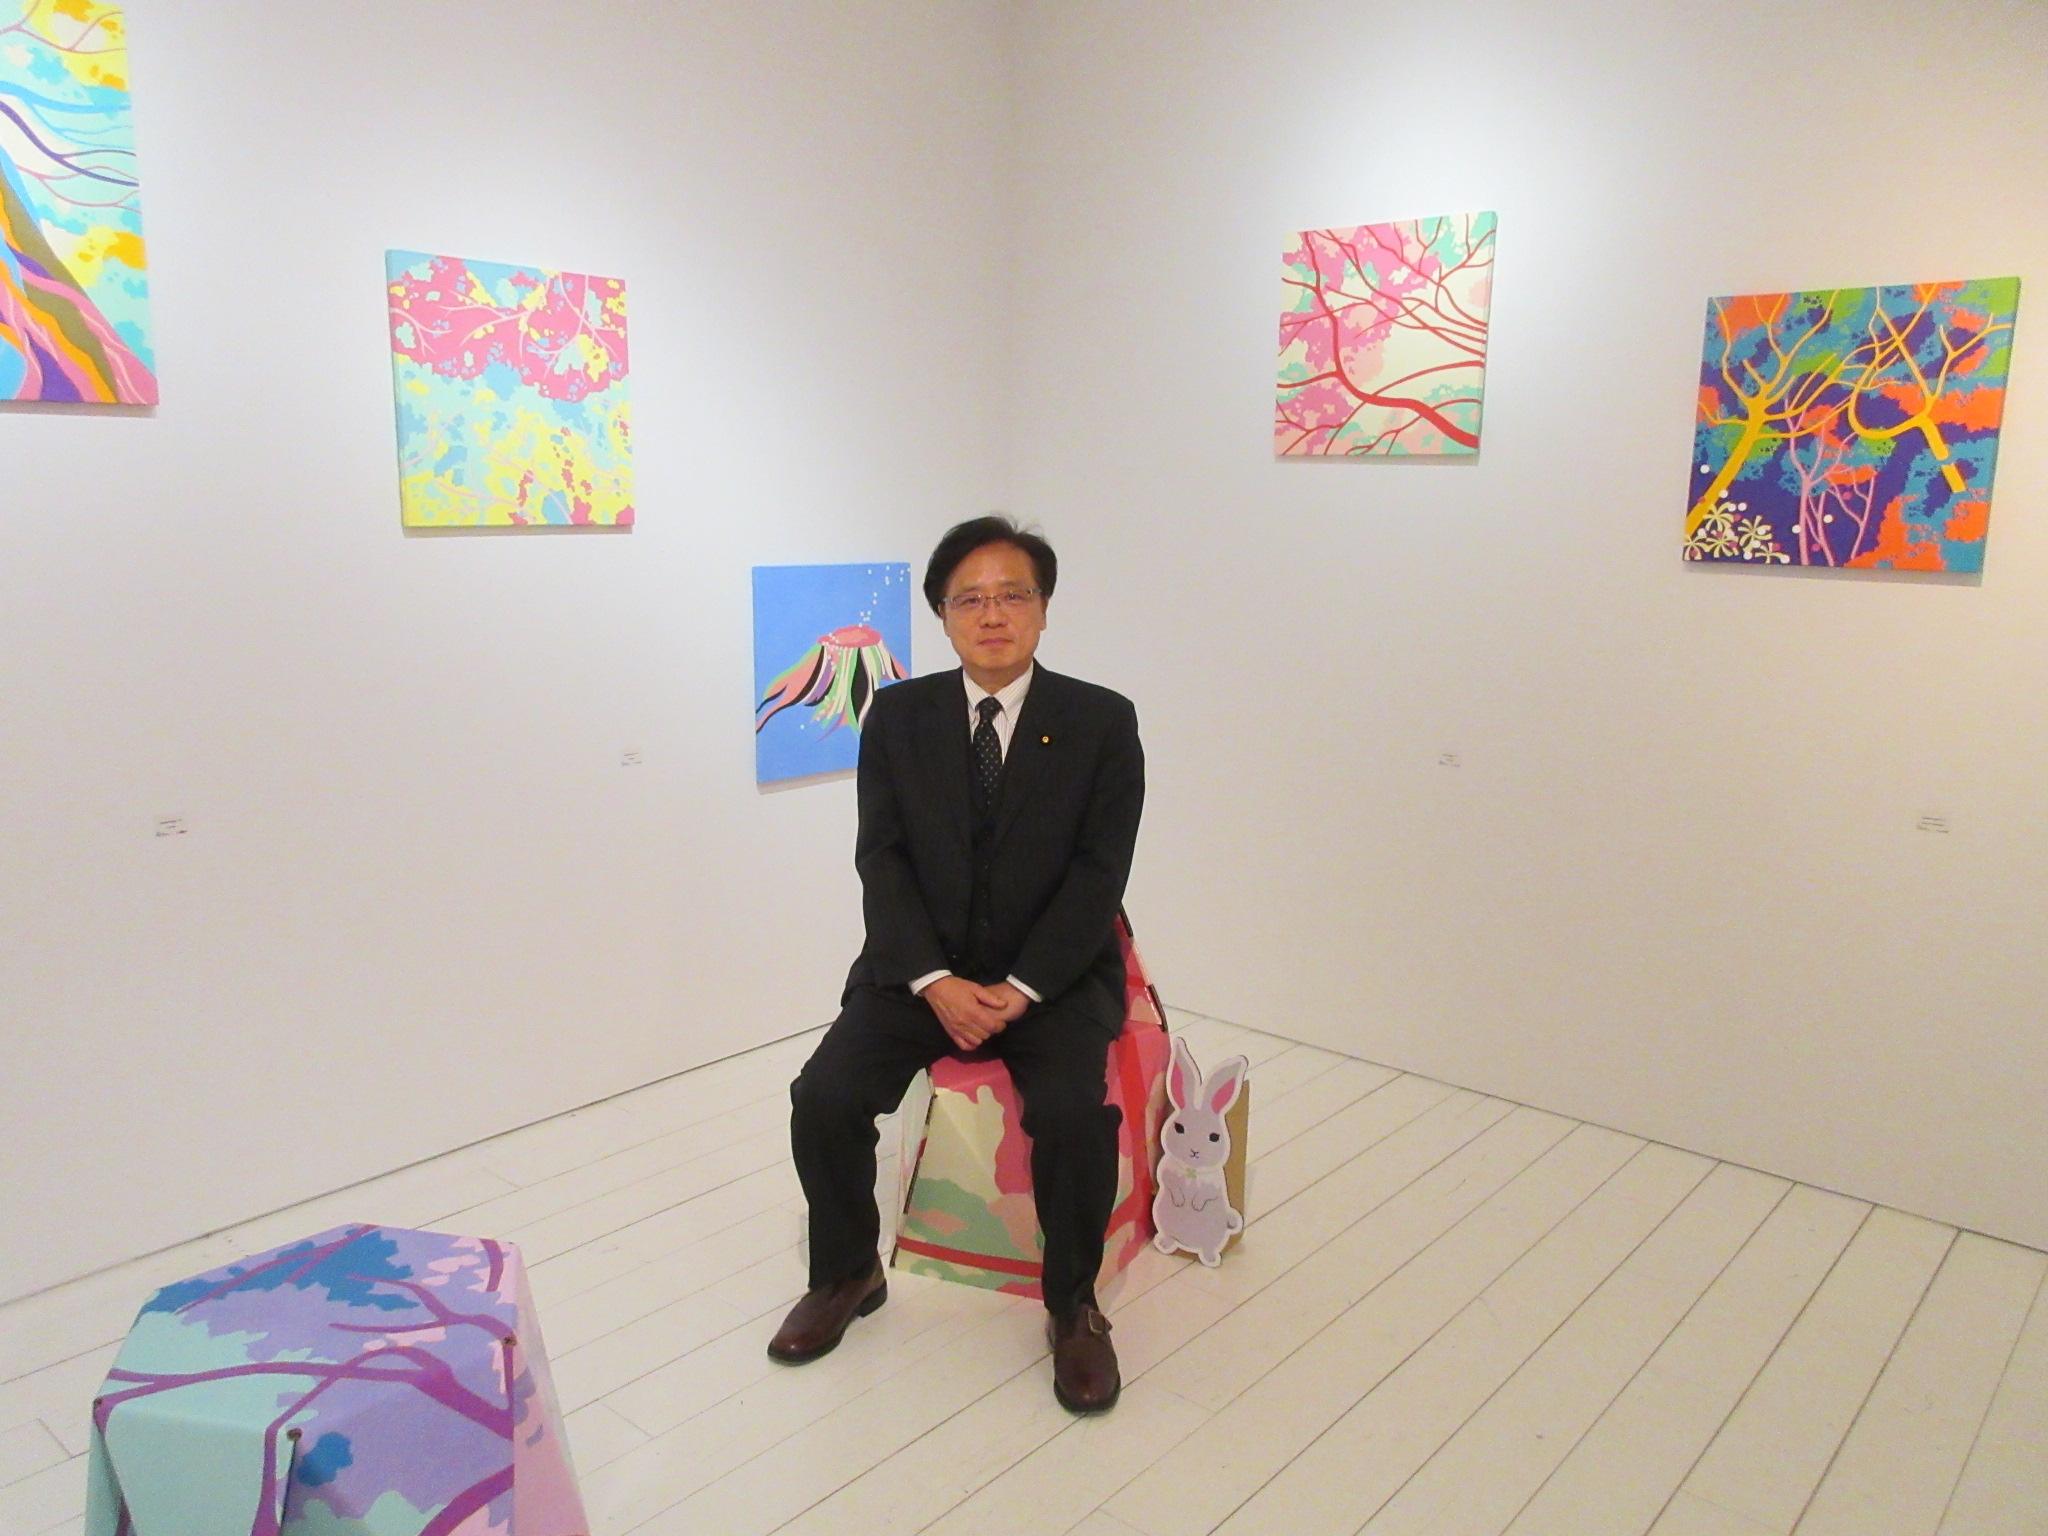 http://www.inoue-satoshi.com/diary/IMG_3471.JPG